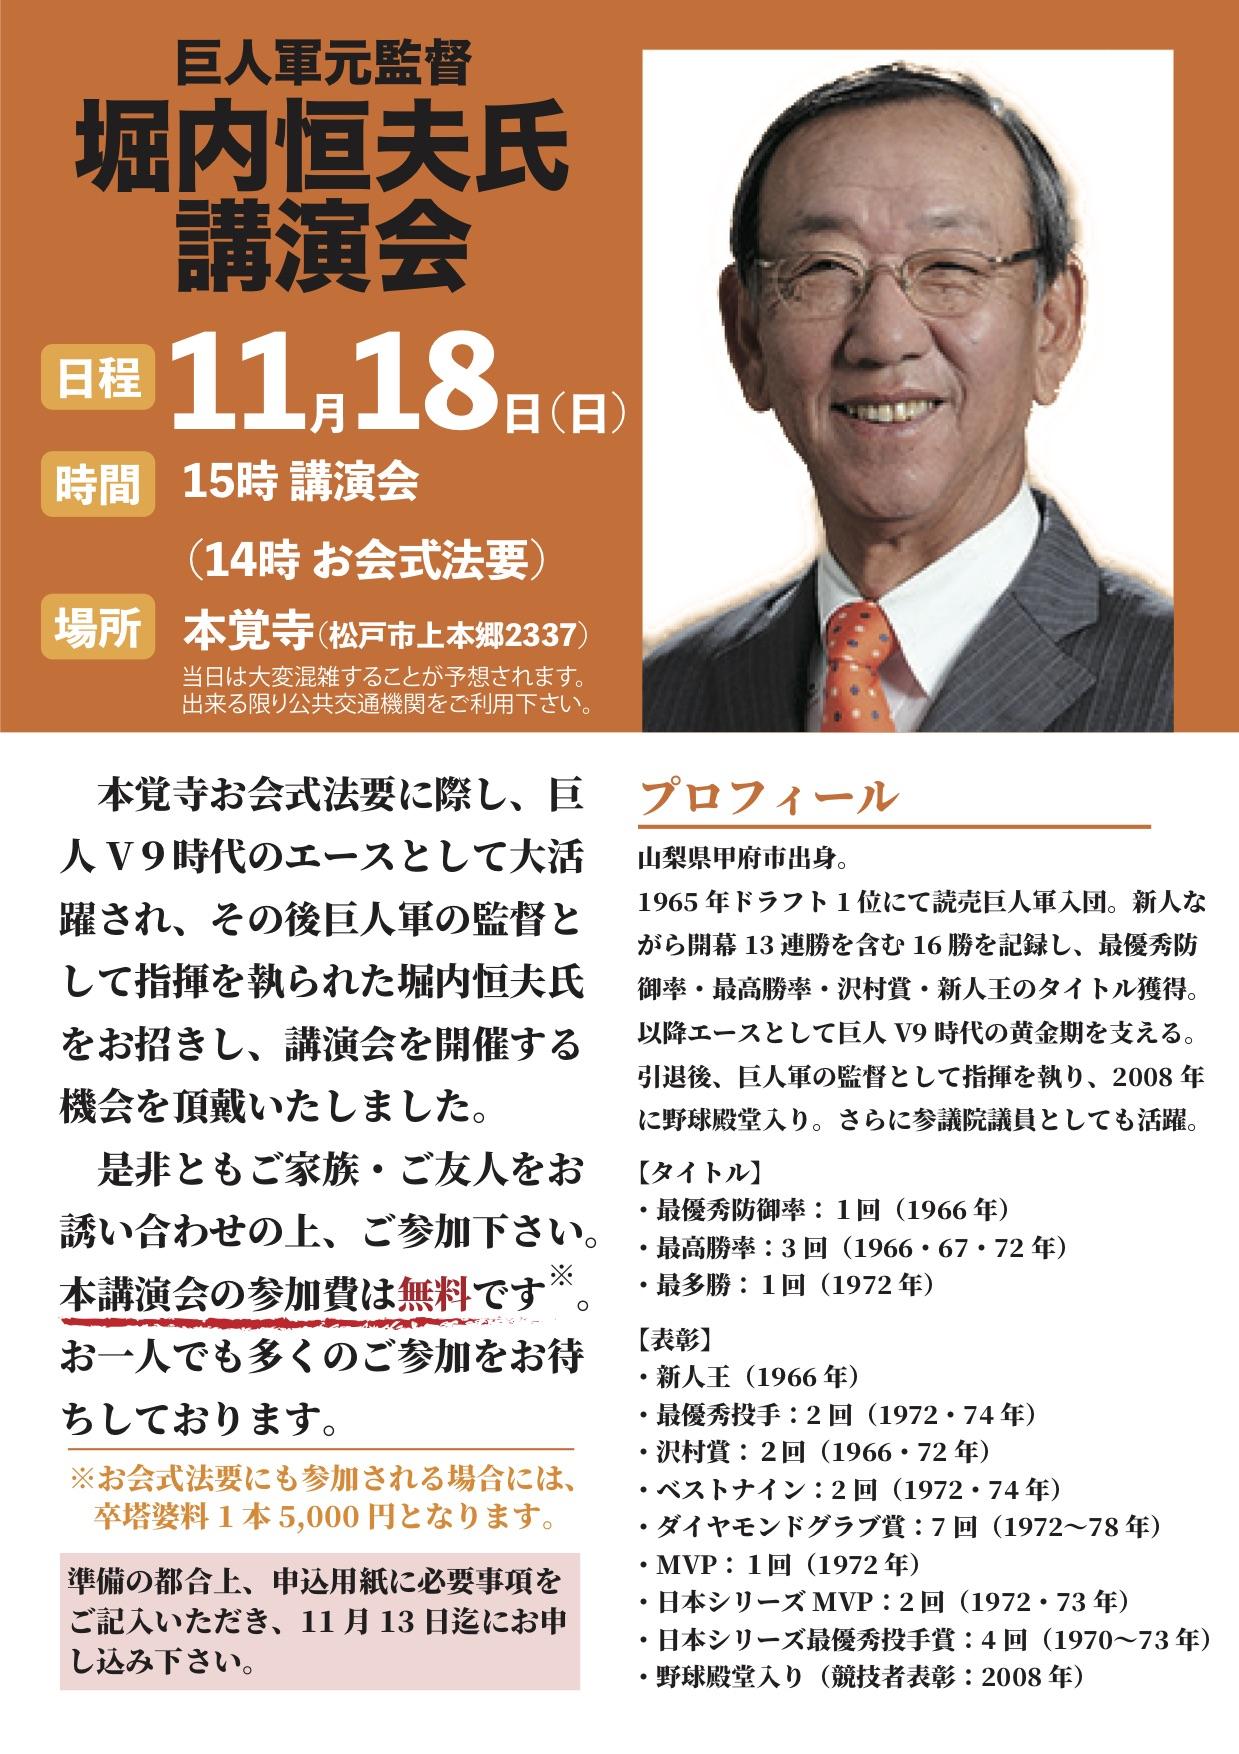 堀内恒夫講演会(A4)